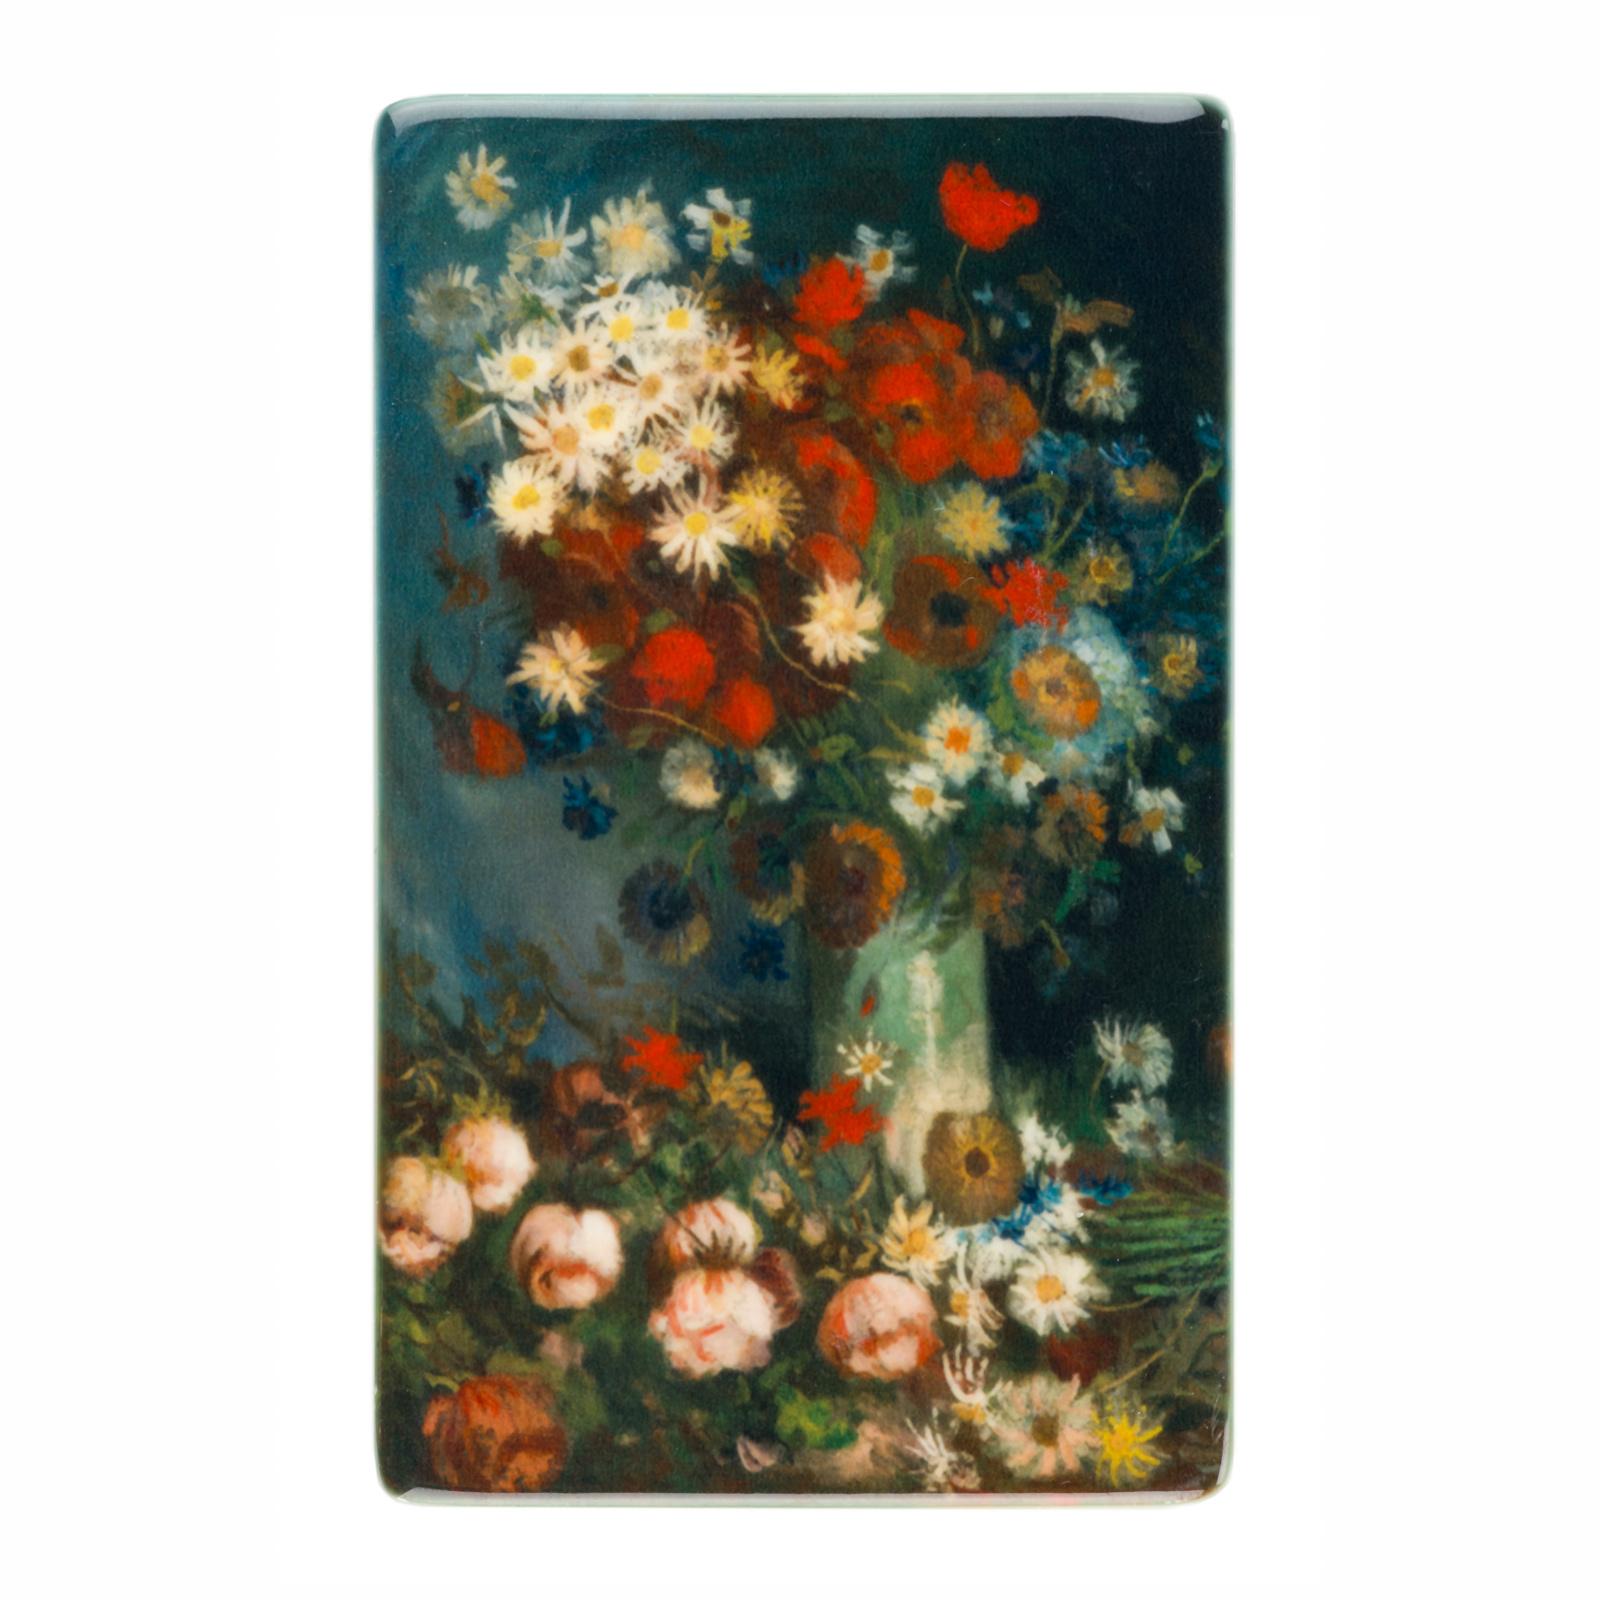 Koelkast magneet Van Gogh - Stilleven met akkerbloemen en rozen